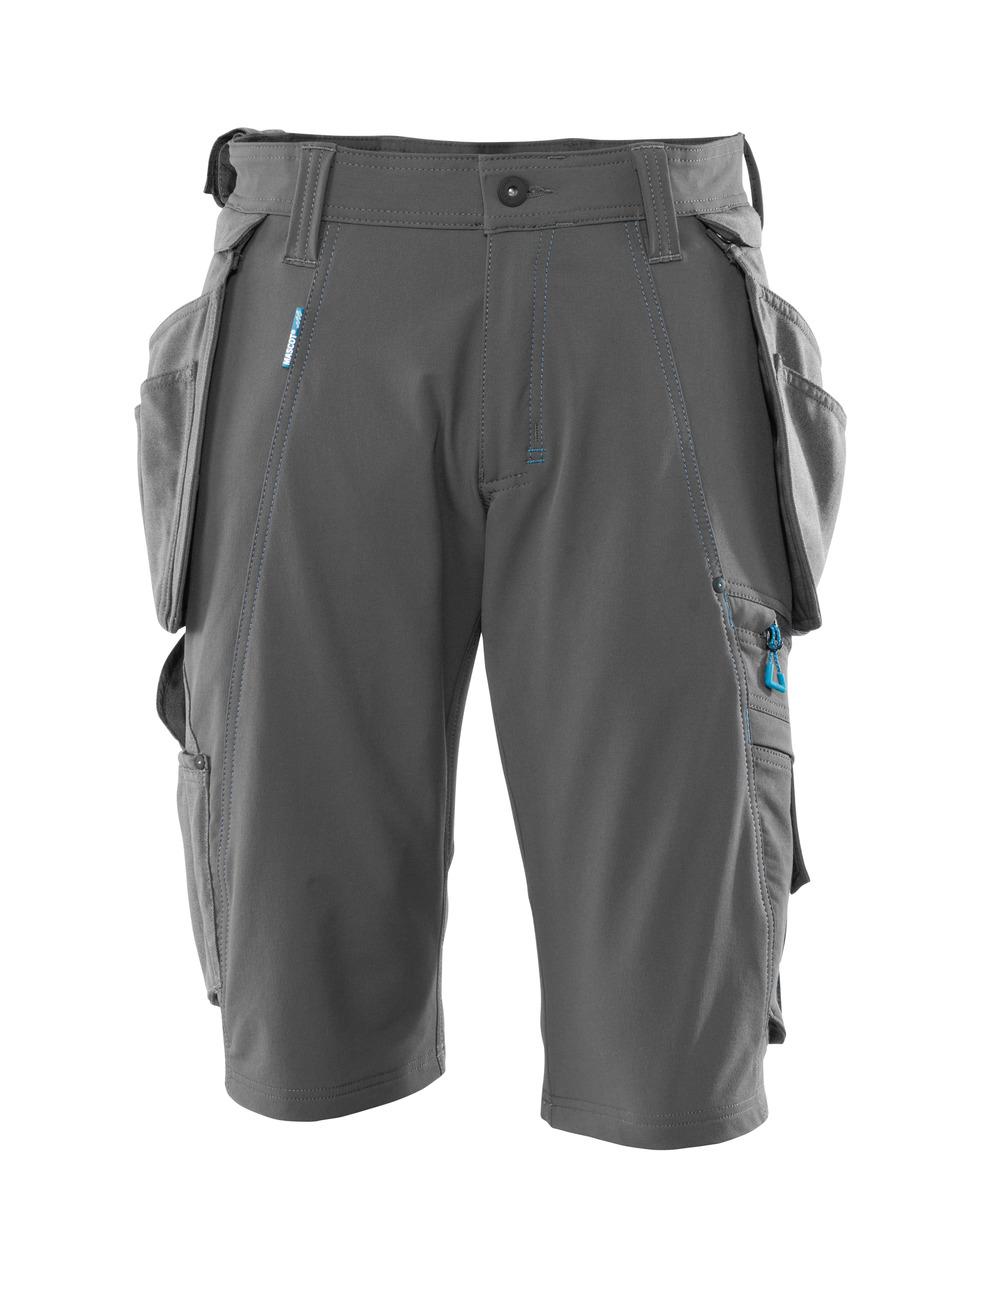 Mascot 17049-311-44-C66 Stretch Shorts Size C66 Dark Petroleum